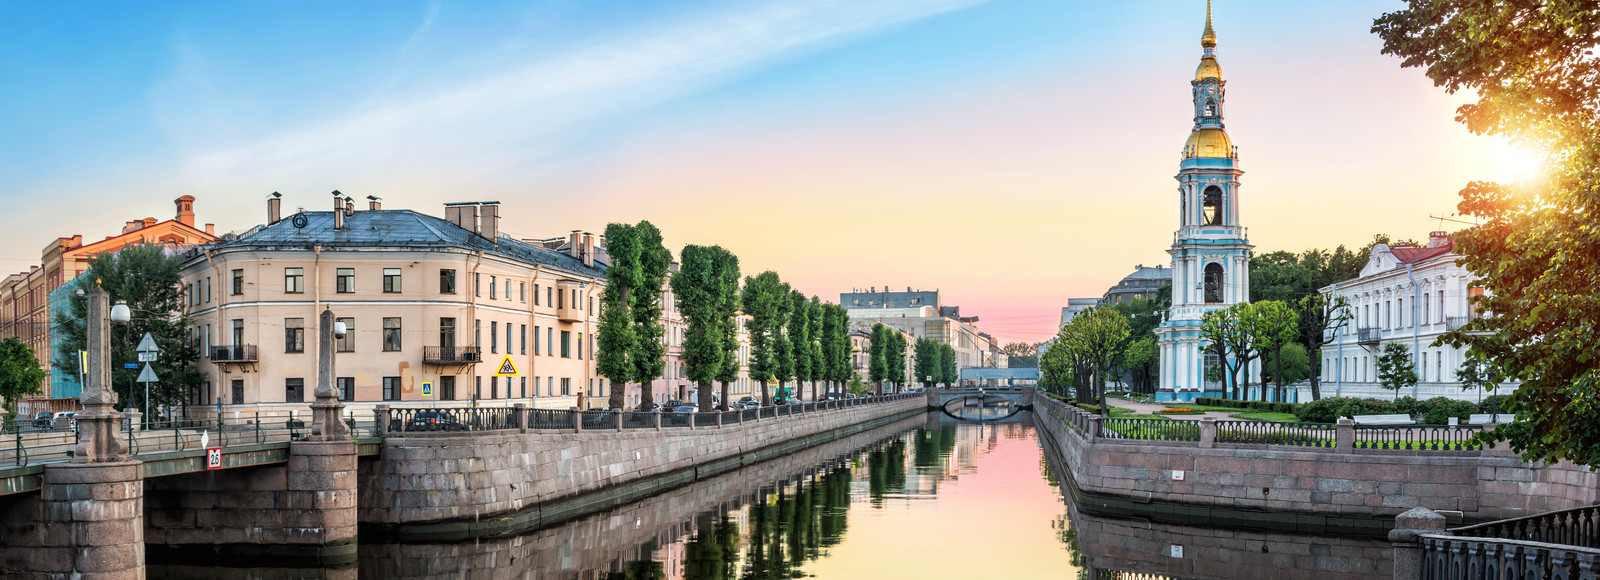 Die 11 Wichtigsten St Petersburg Sehenswürdigkeiten Checkfelix Blog